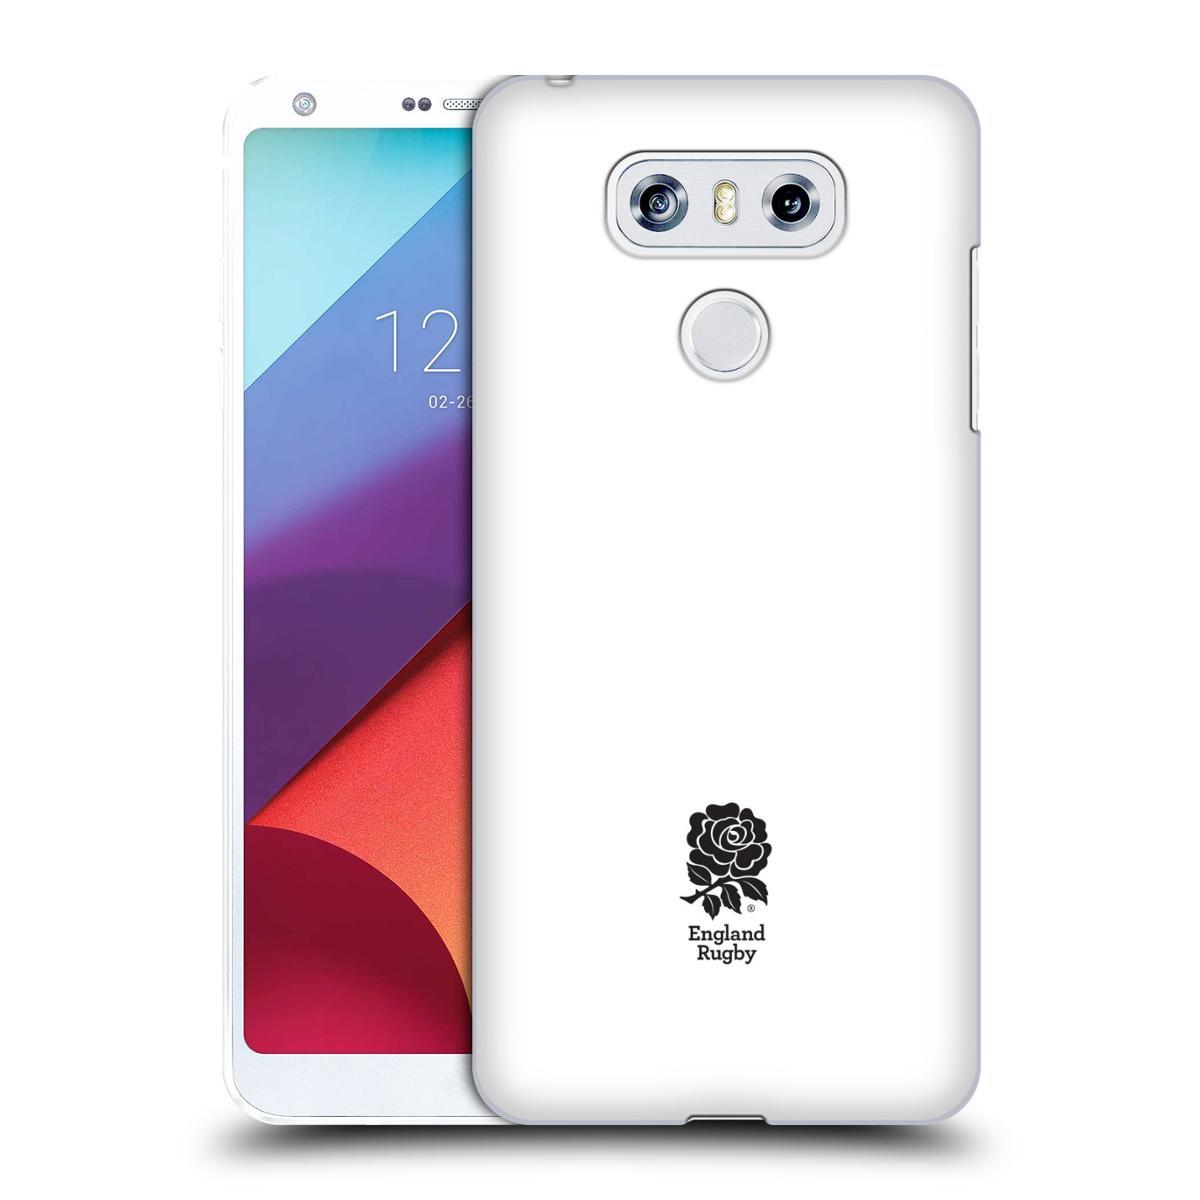 送料無料 オフィシャル ENGLAND RUGBY UNION 2017/18 STRIPE BADGE ハードバックケース LG 電話 1【楽天海外直送】